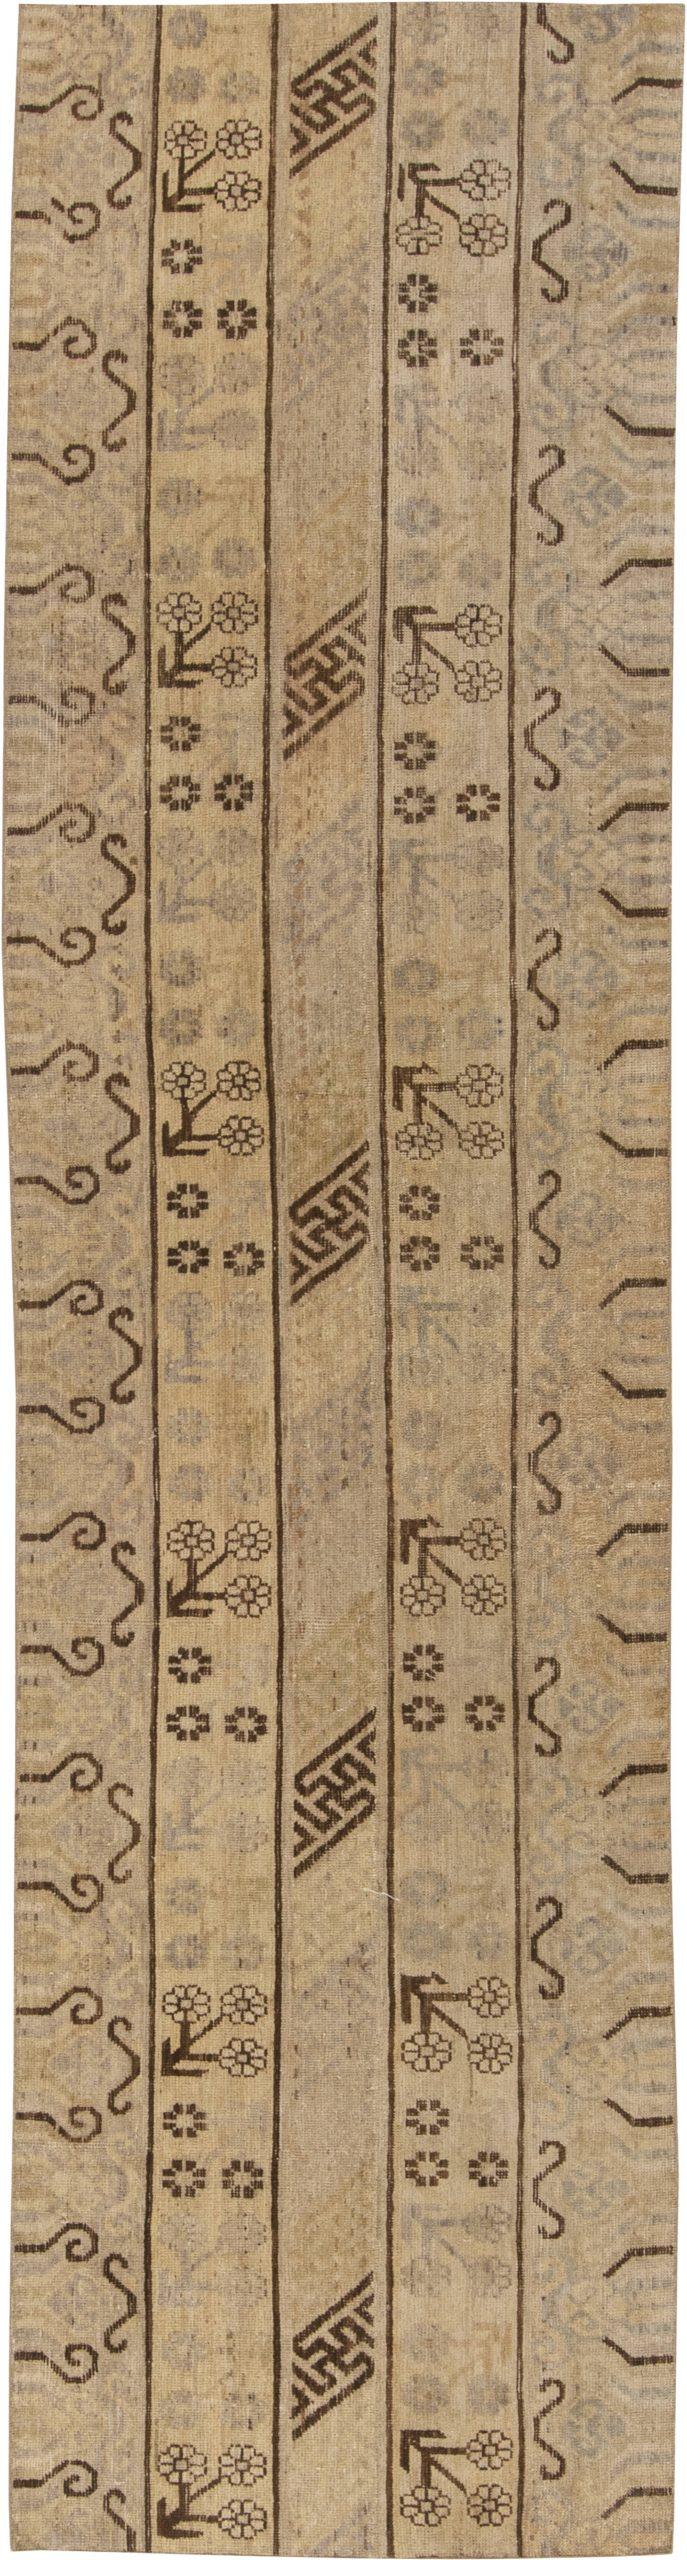 Samarkand Runner (fragment) N11618